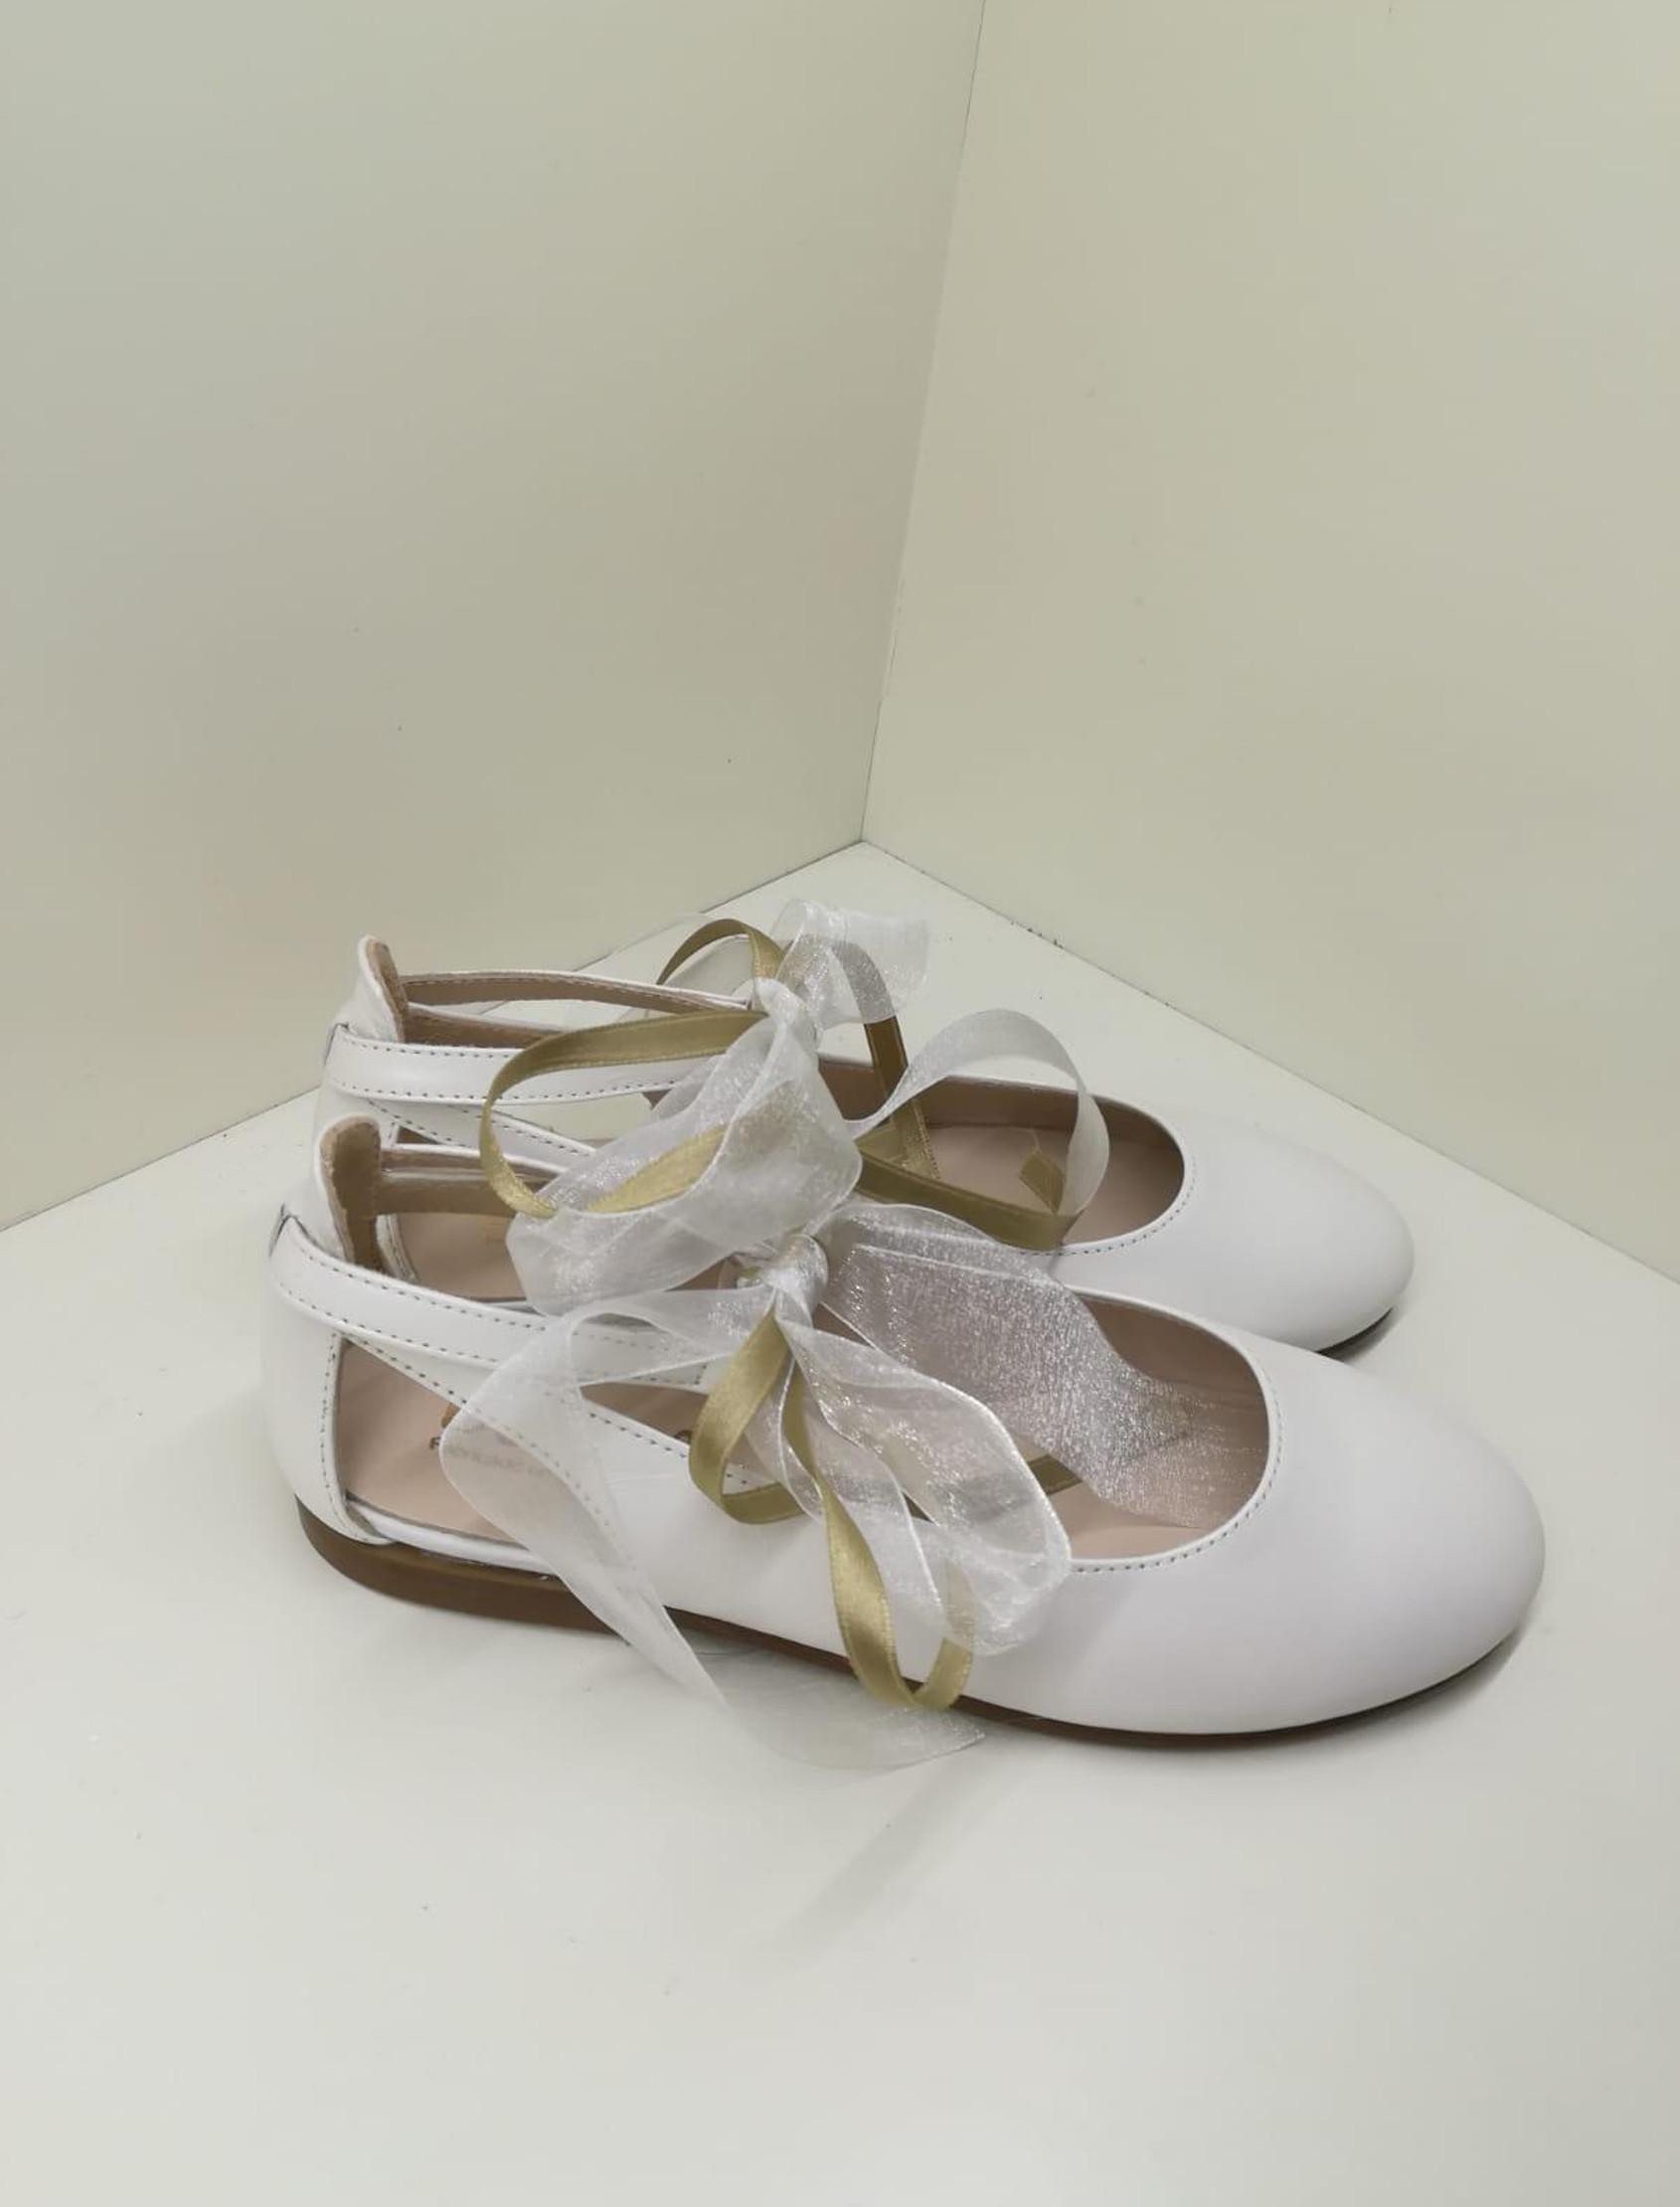 Bailarina Siria Bone en color blanco roto.Con correa con cierre de hebilla y correa con lazos que le da más elegancia a esta preciosa bailarina.